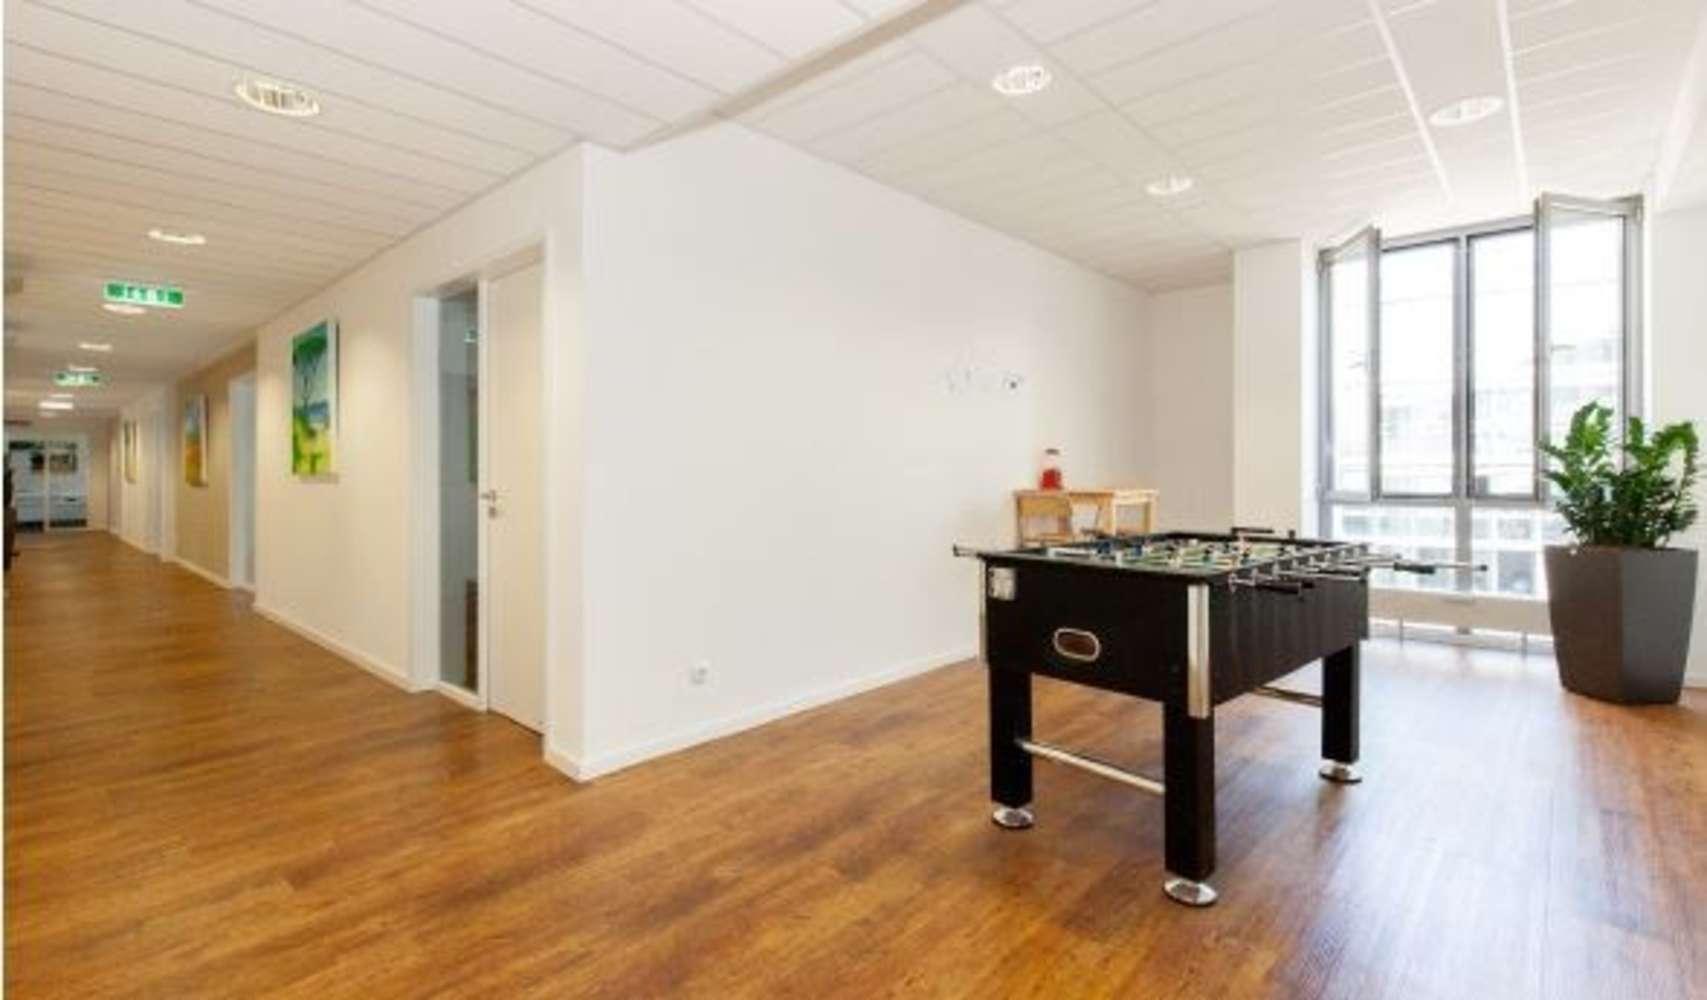 Büros Köln, 50933 - Büro - Köln, Müngersdorf - K1348 - 9535359